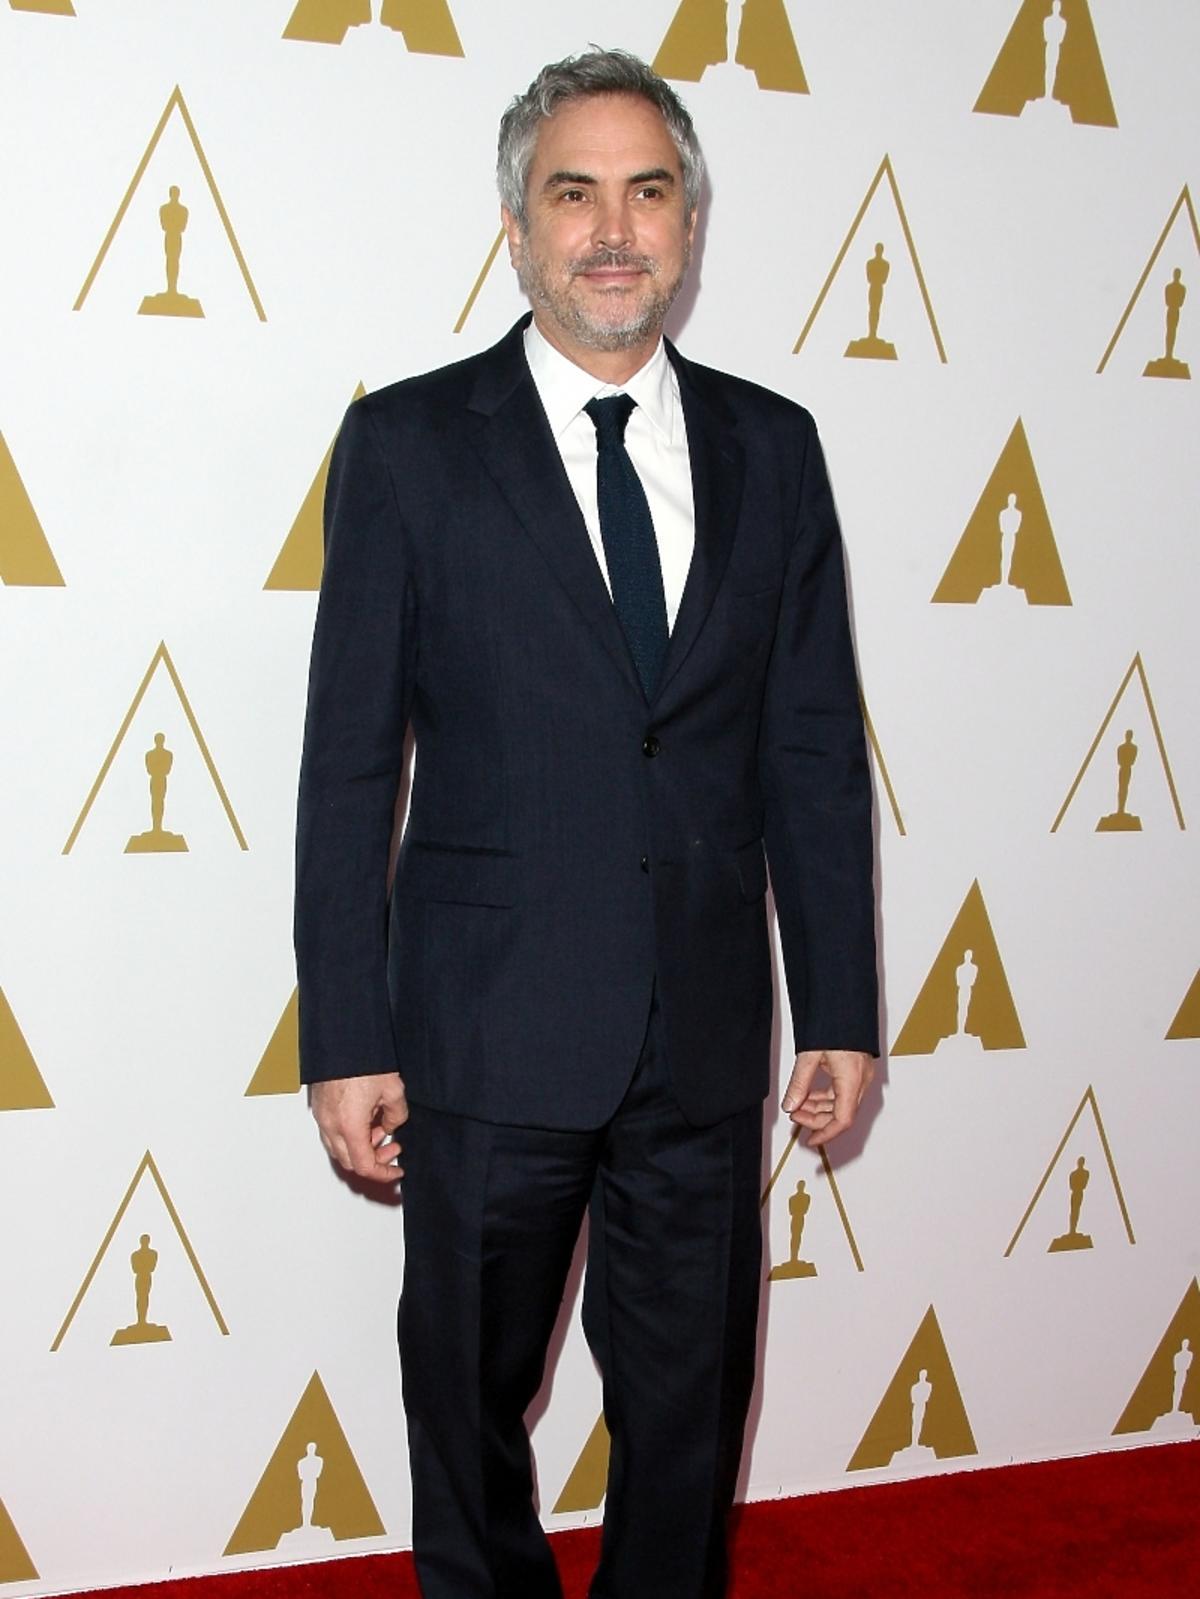 Alfonso Cuaron podczas konferencji prasowej nominacji do Oscarów 2014